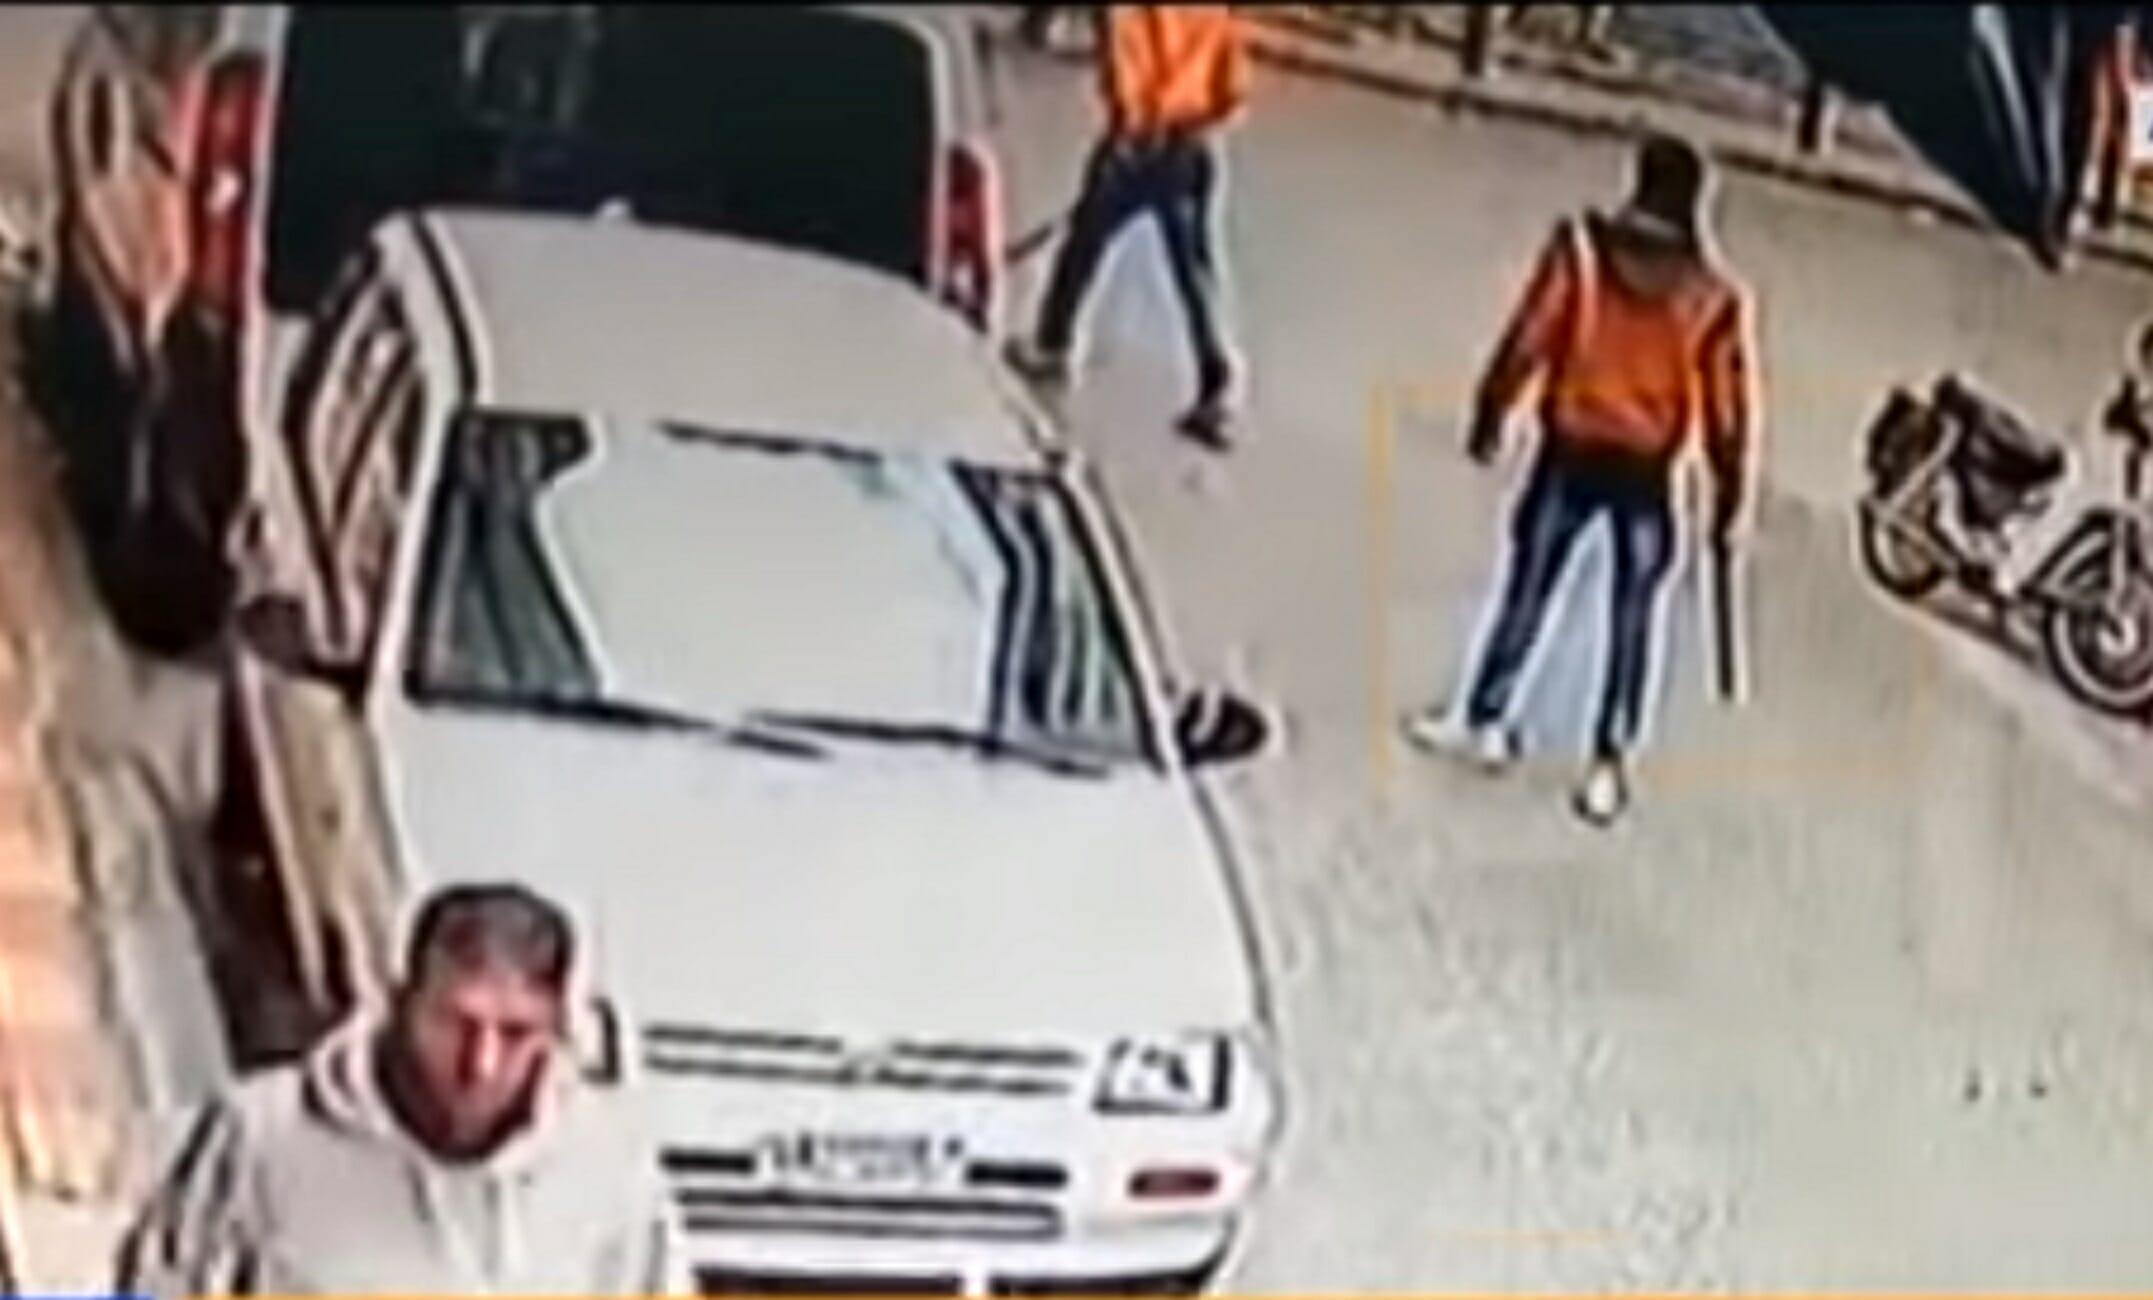 Βίντεο σοκ από τις άγριες συγκρούσεις με   νεκρό στο κέντρο της Αθήνας